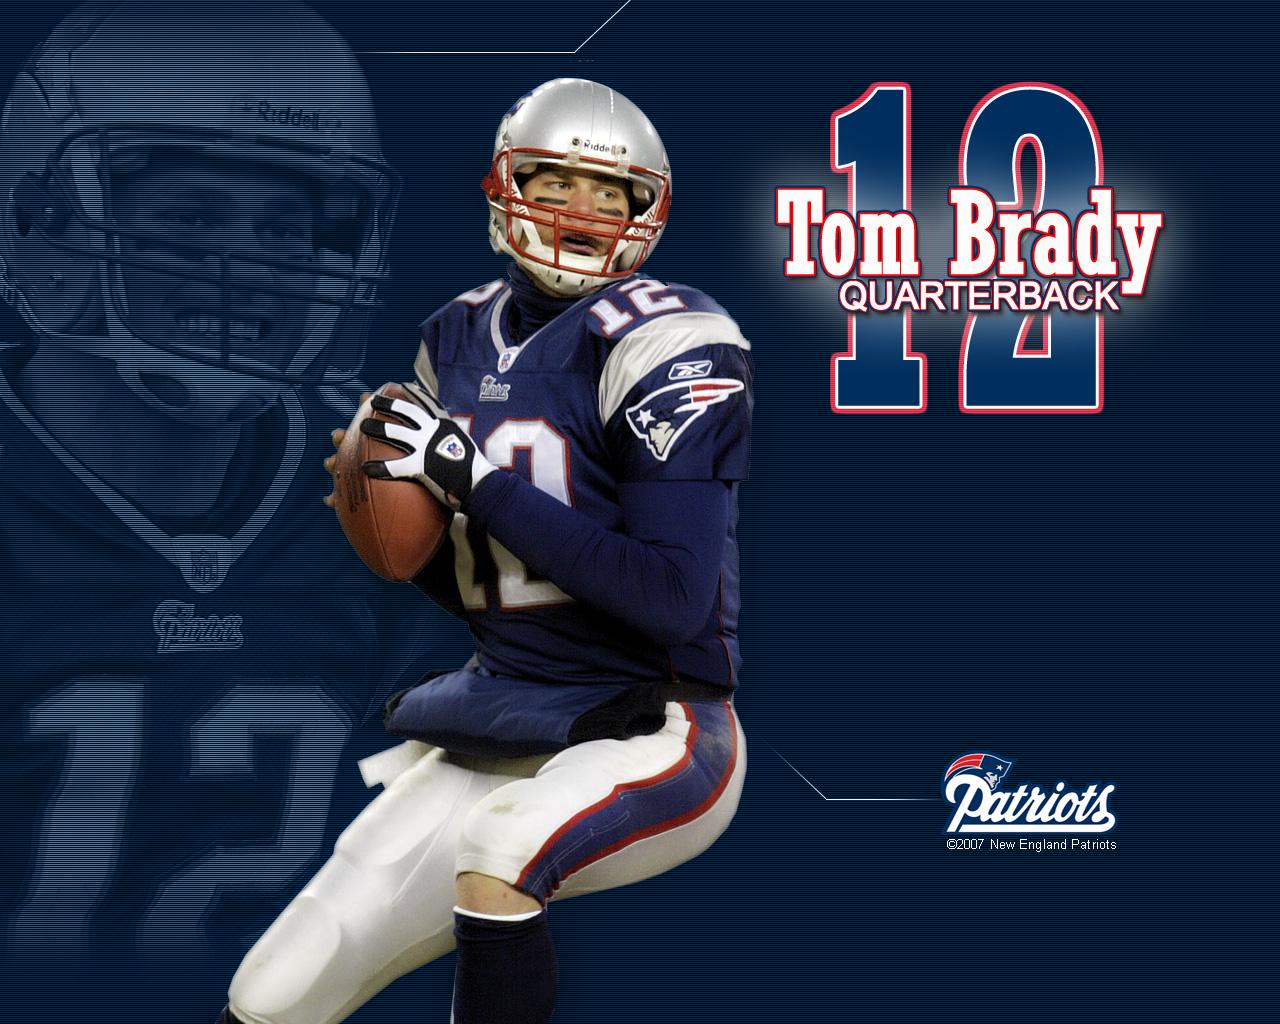 http://3.bp.blogspot.com/-4jE_l0yPWUE/UBQ4lnmUByI/AAAAAAAABmo/tGZbjbAs9tQ/s1600/Tom+Brady+Patriots+Wallpaper.jpg